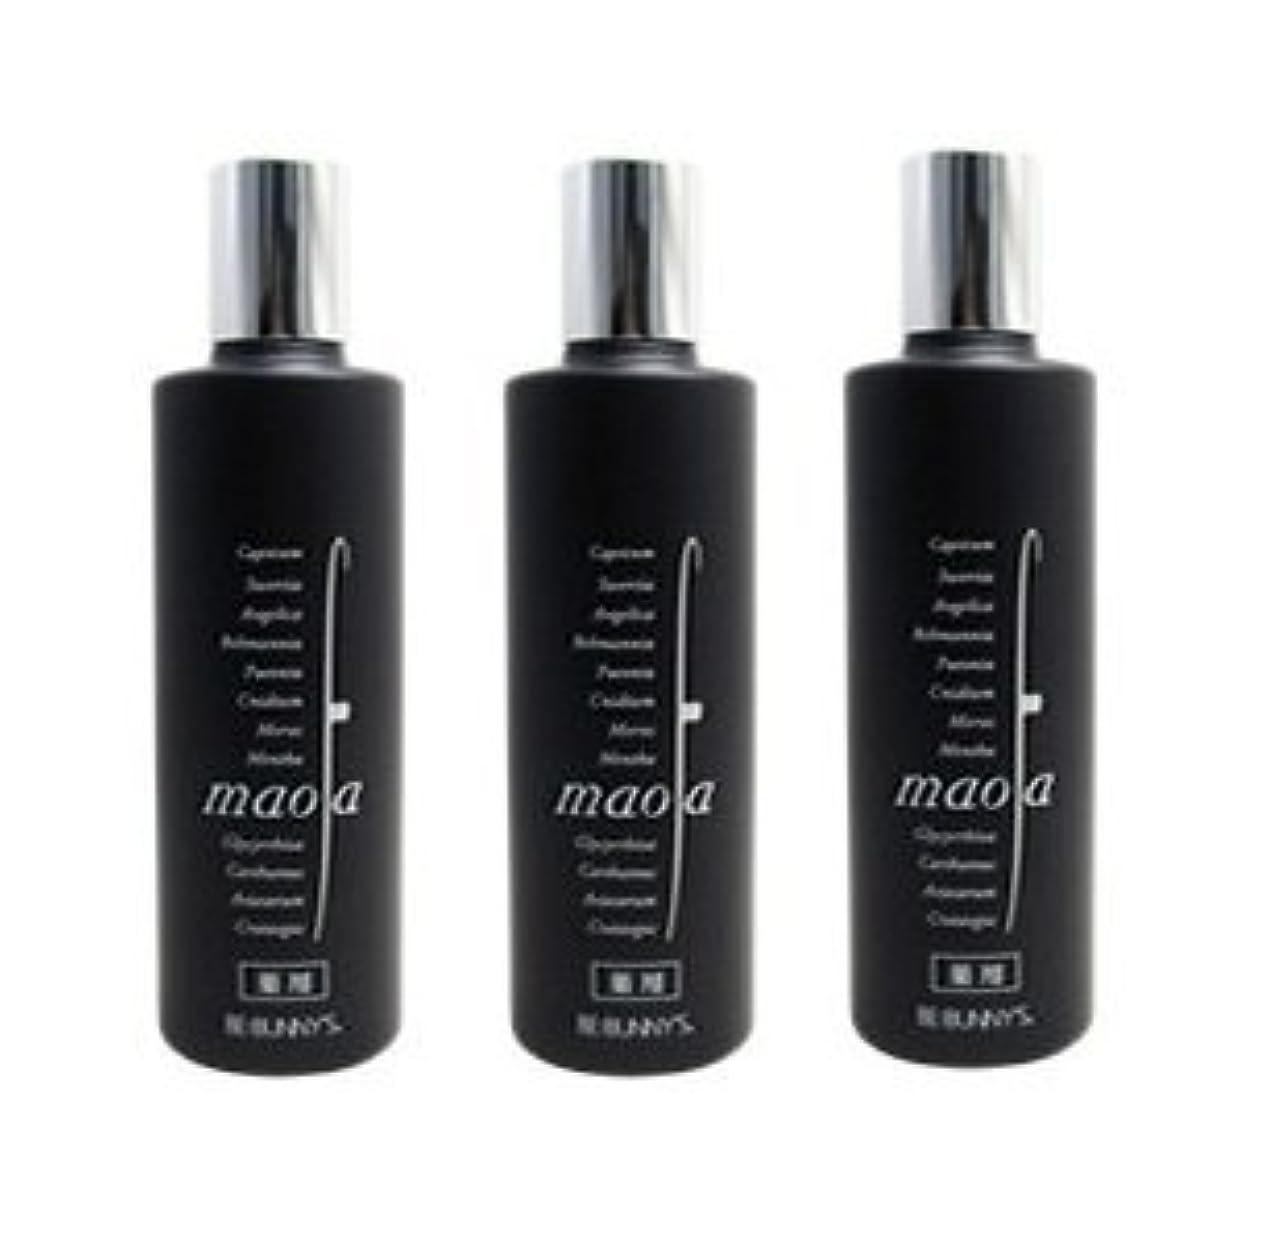 【X3個セット】 ビバニーズ マオファ 薬用育毛剤 マオファD 150ml 容器入り